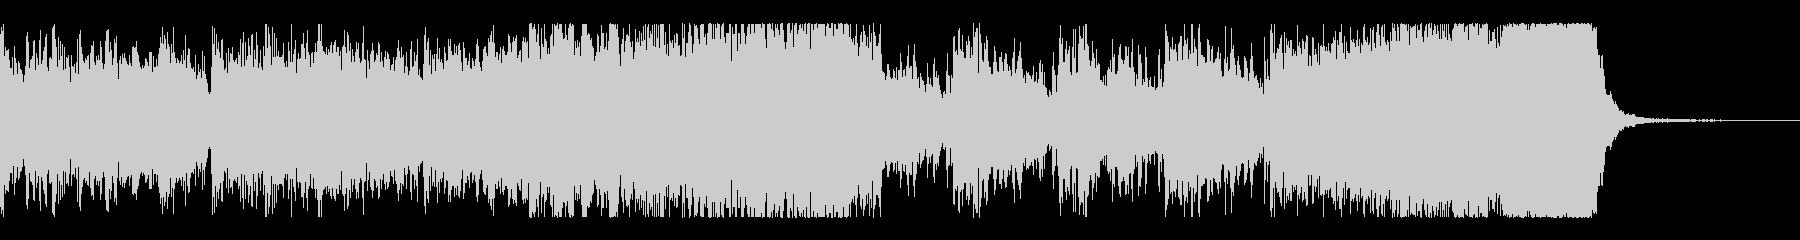 迫る恐怖ーシンセ・効果音・ダブステップの未再生の波形